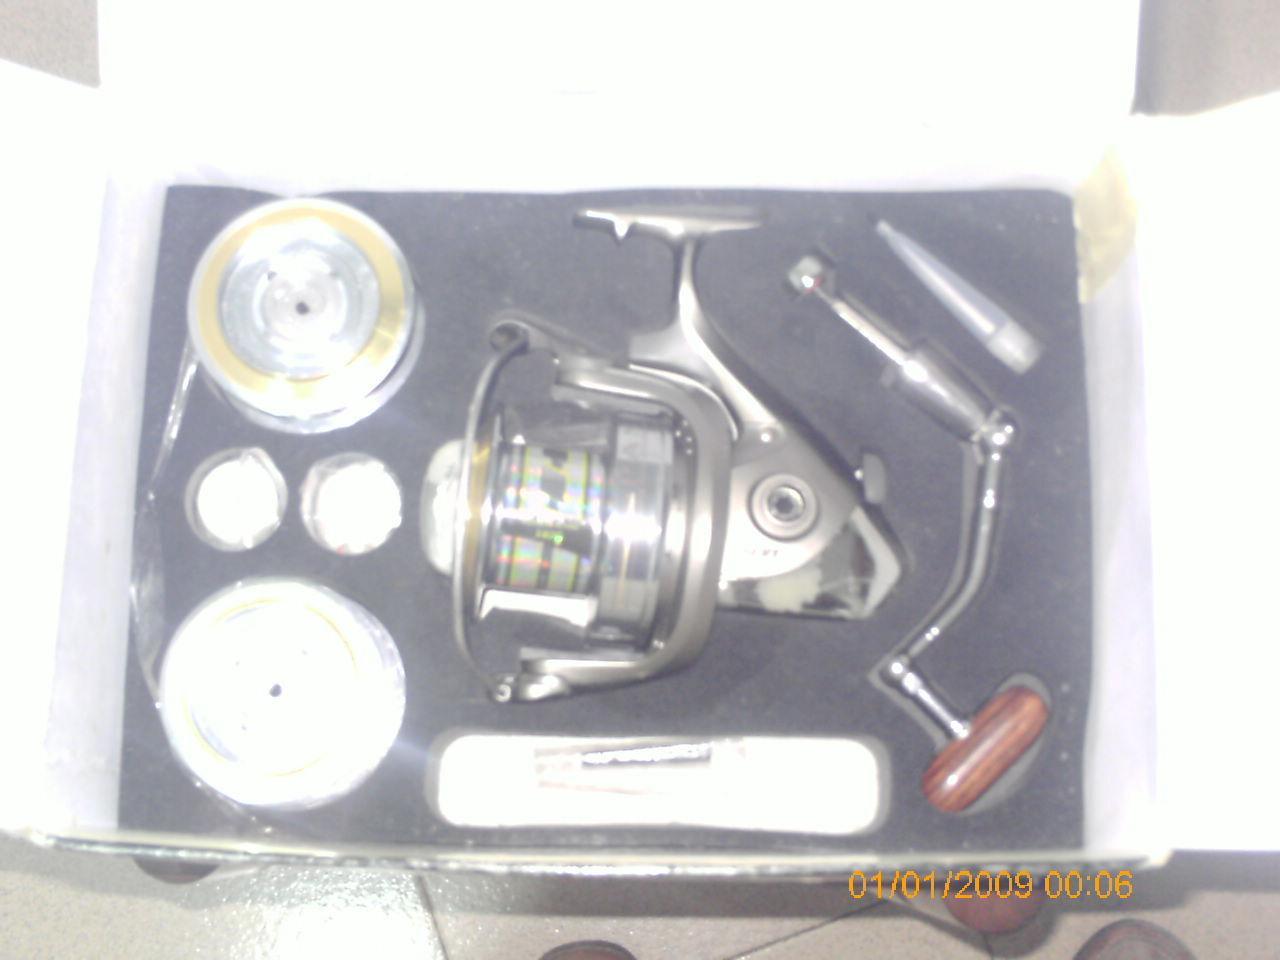 CocheRETE DE PESCA PANDOR 8014 FD.Cuerpo y rojoor de Cochebono, 3 bobinas de aluminio